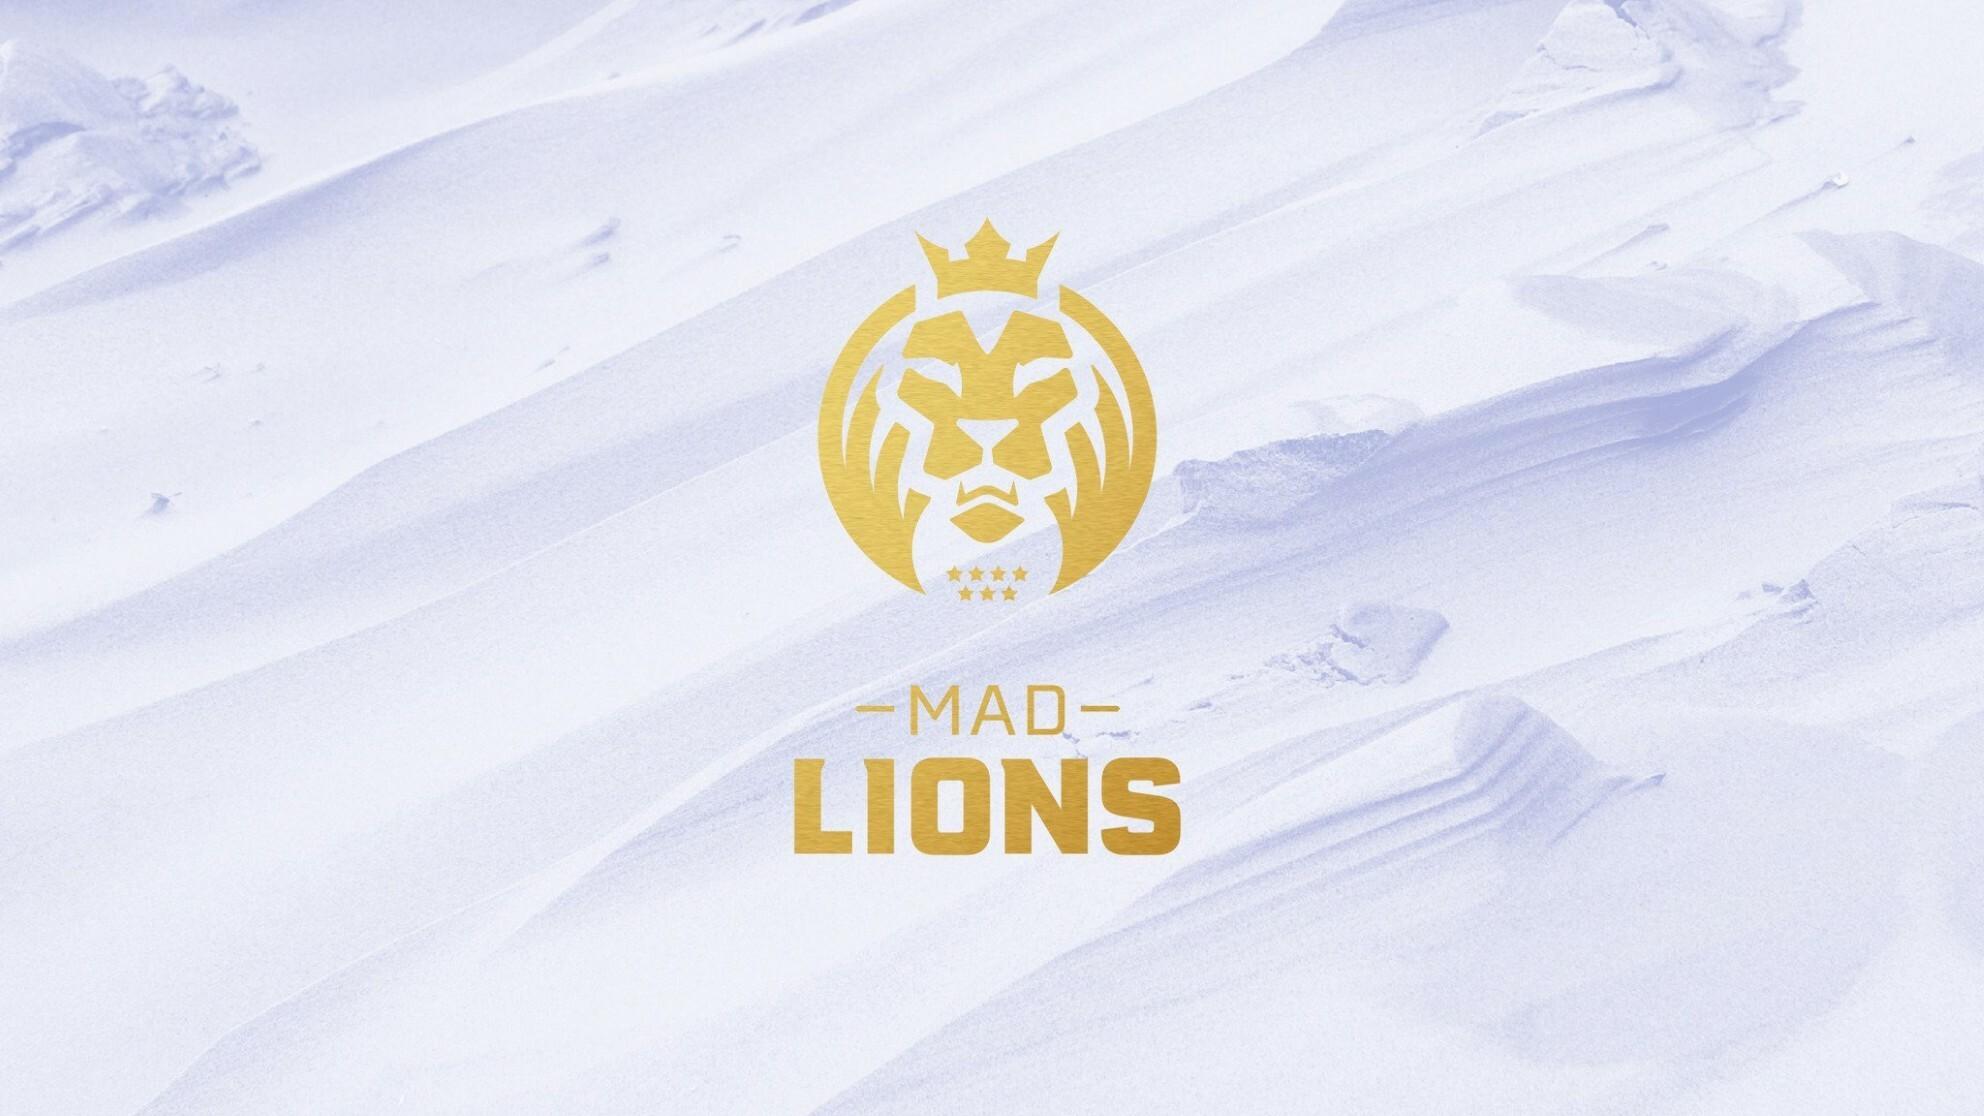 MAD Lions подписала состав Tricked Esport